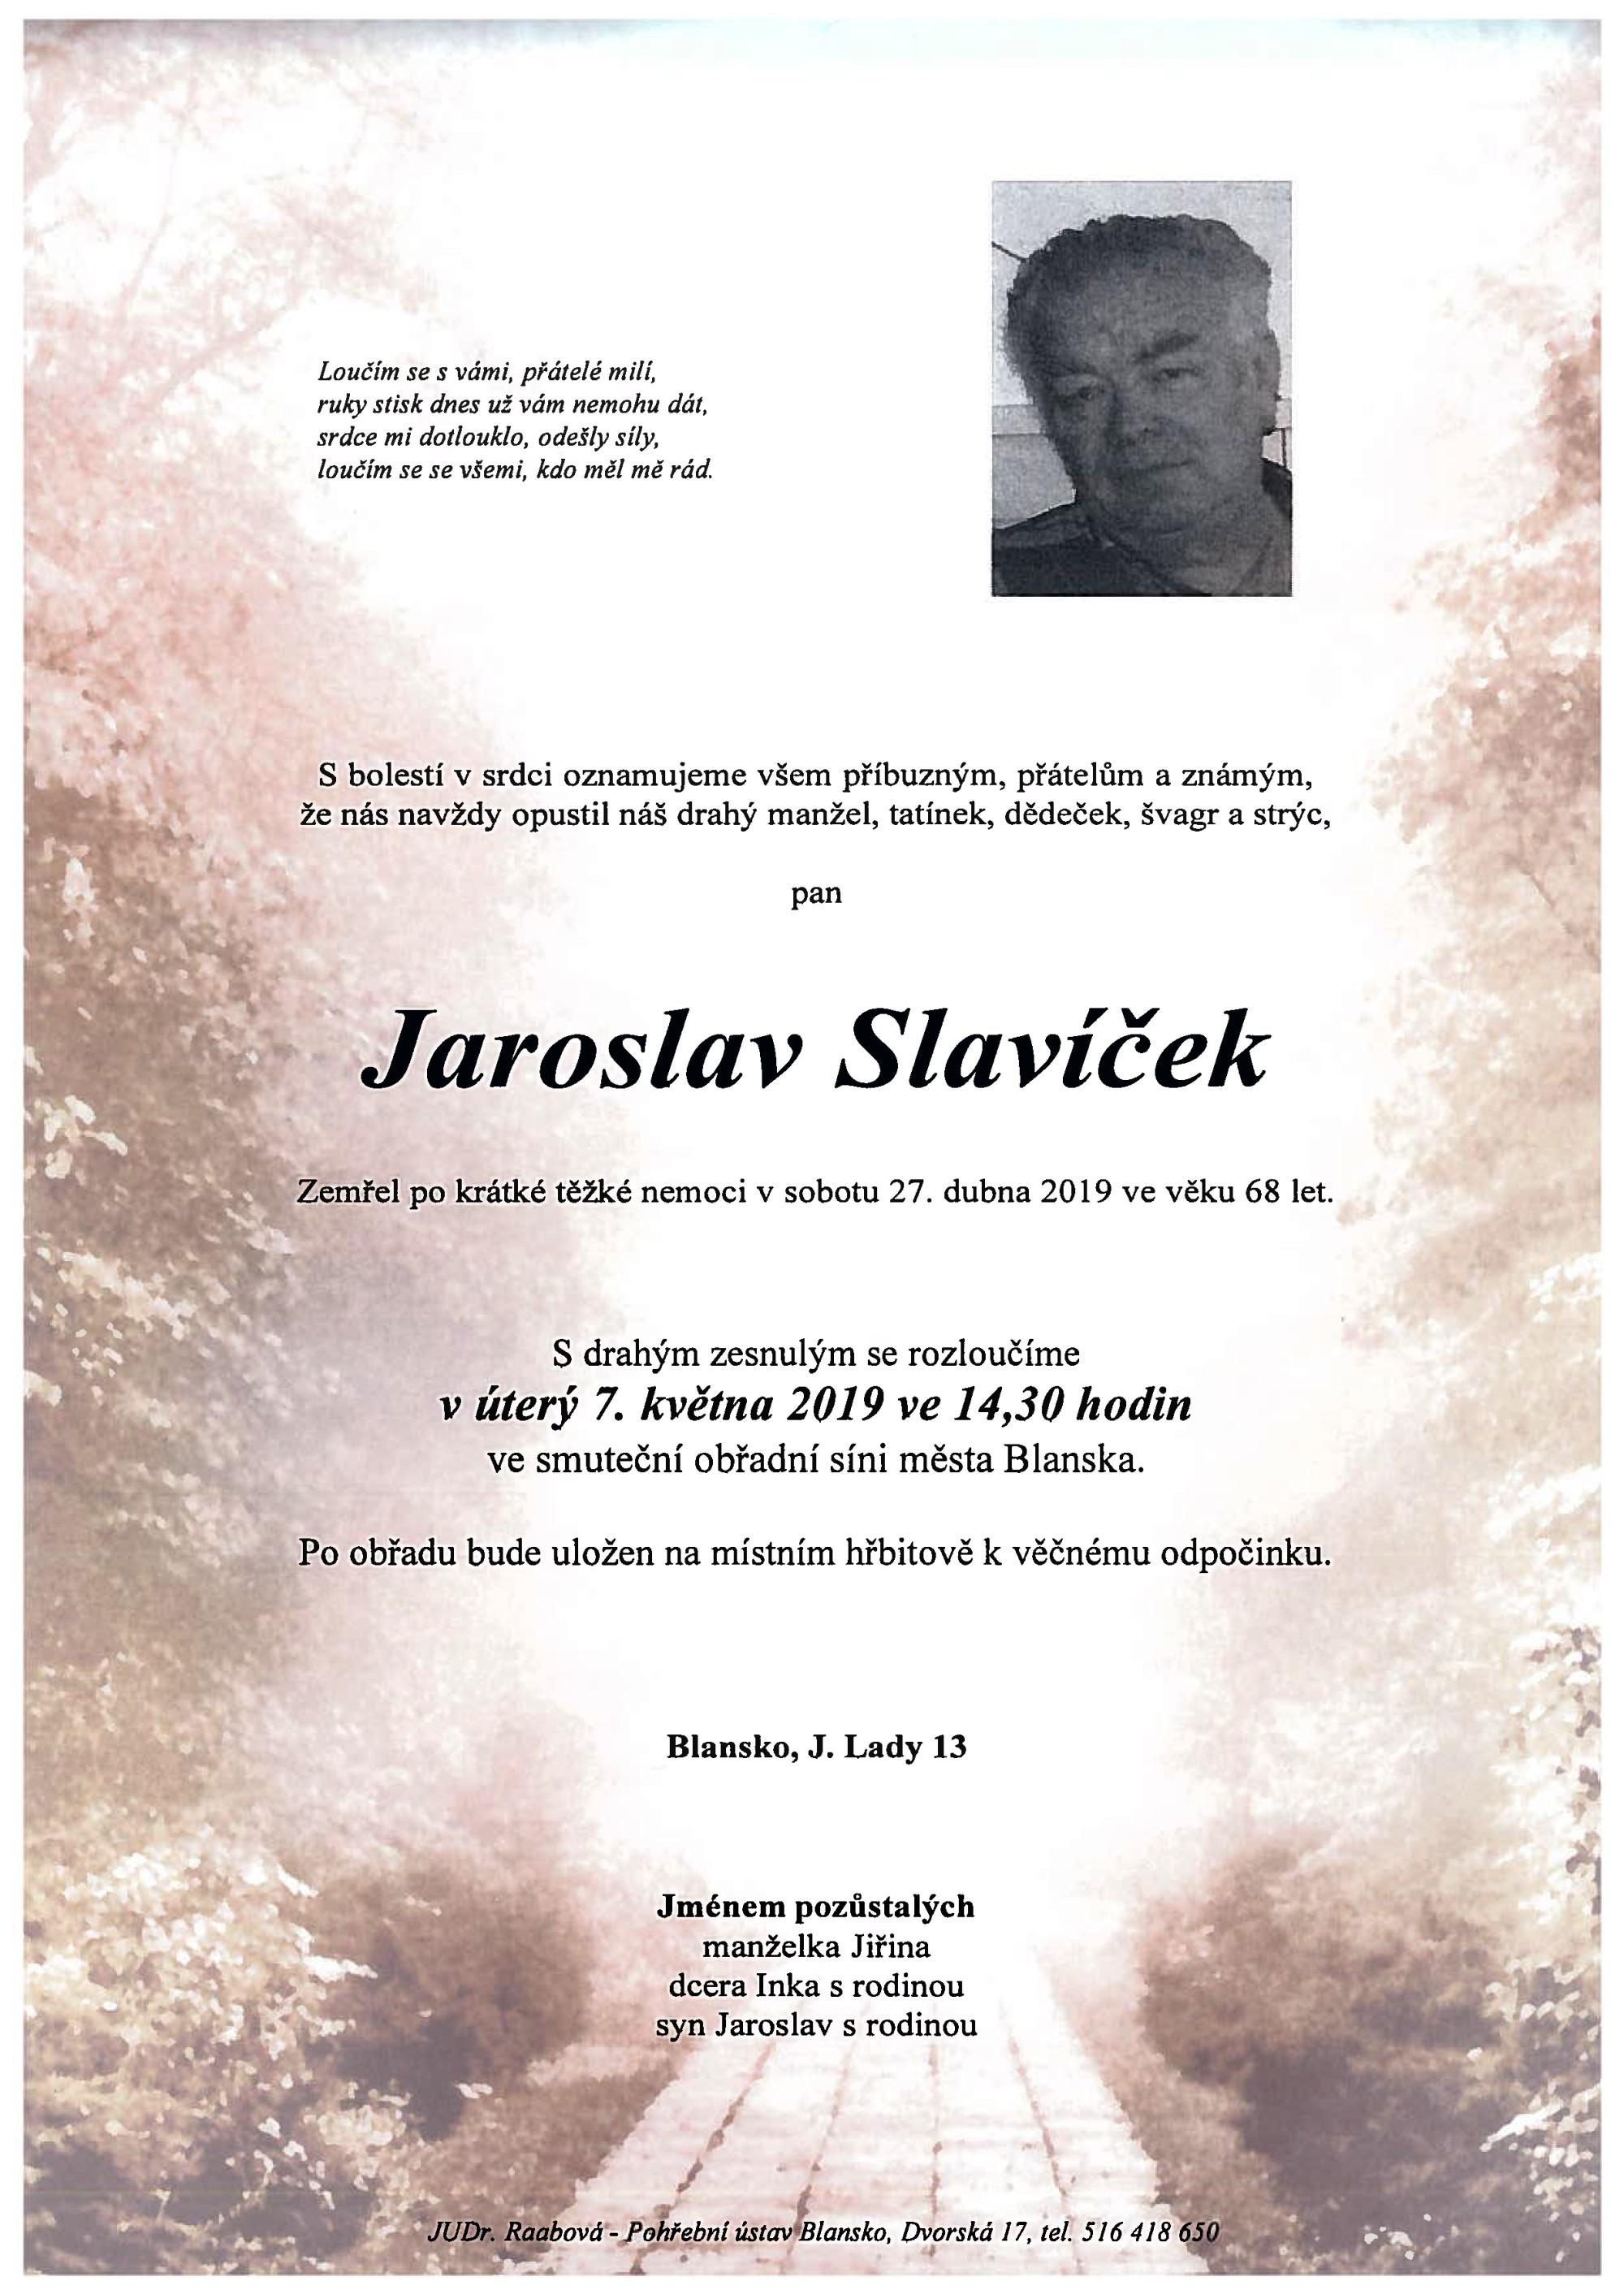 Jaroslav Slavíček